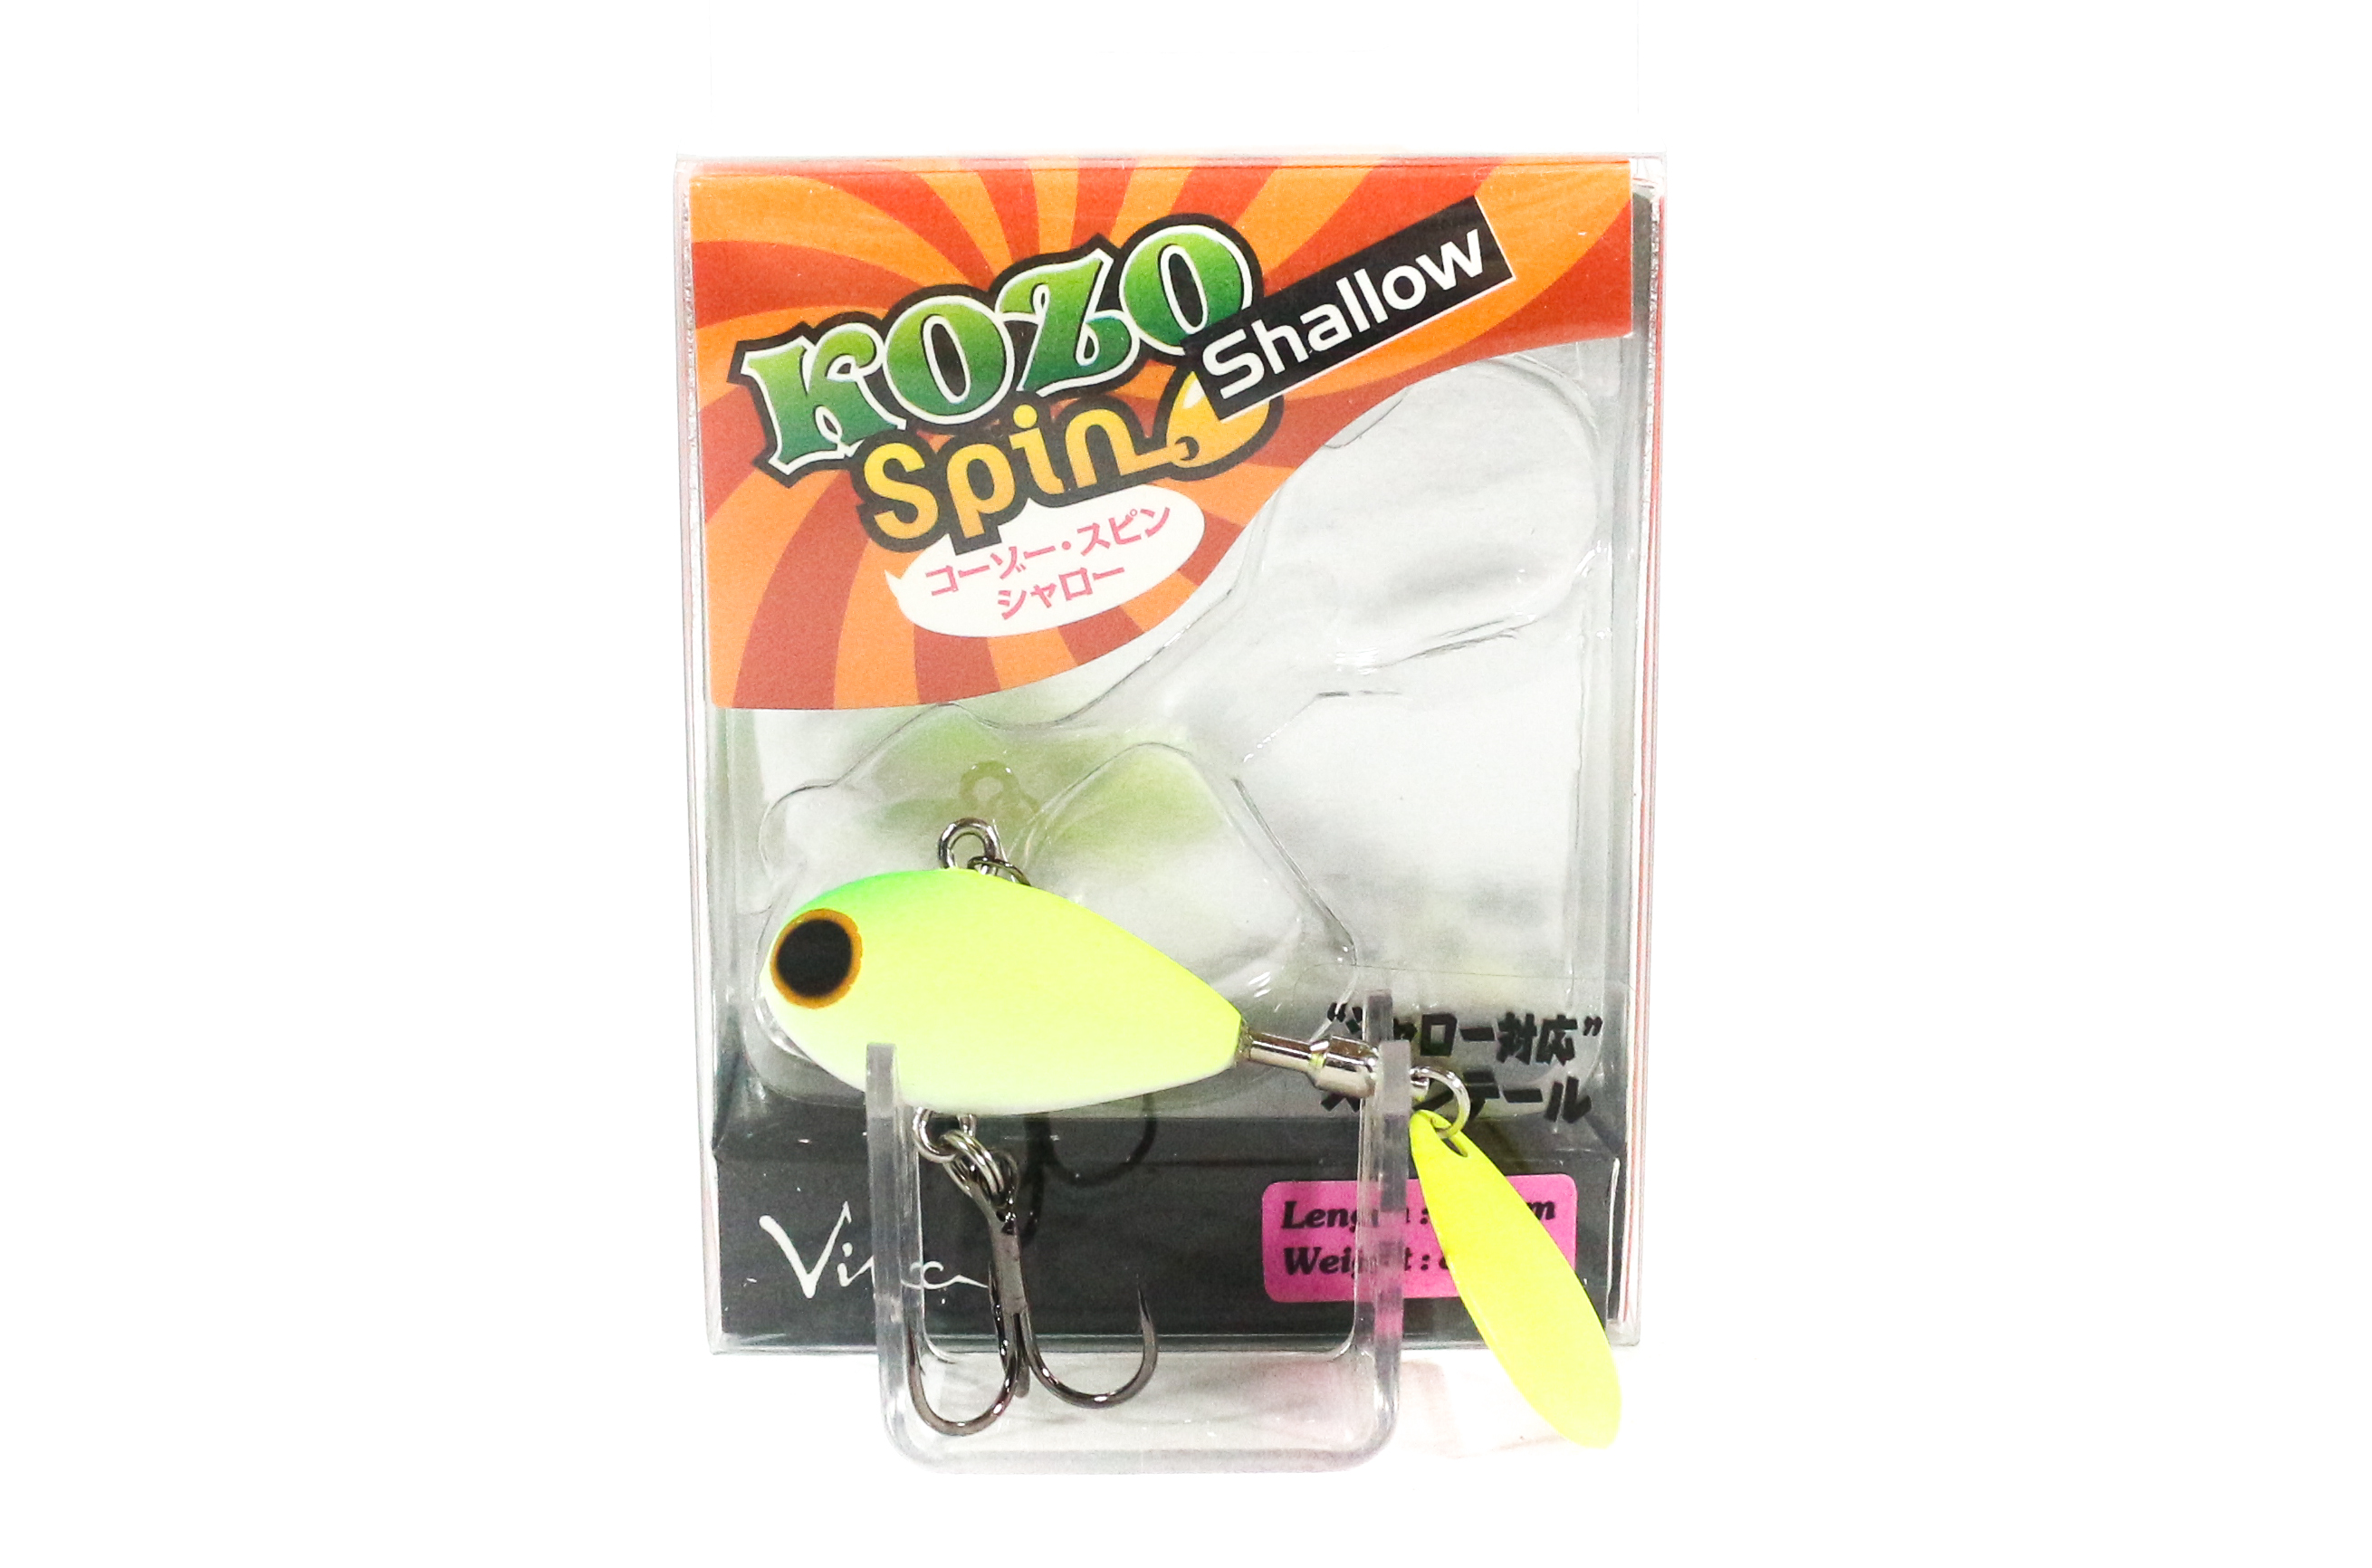 Viva Kozo Spin Shallow 8.2 grams Spinner Bait Lure 95 (2983)